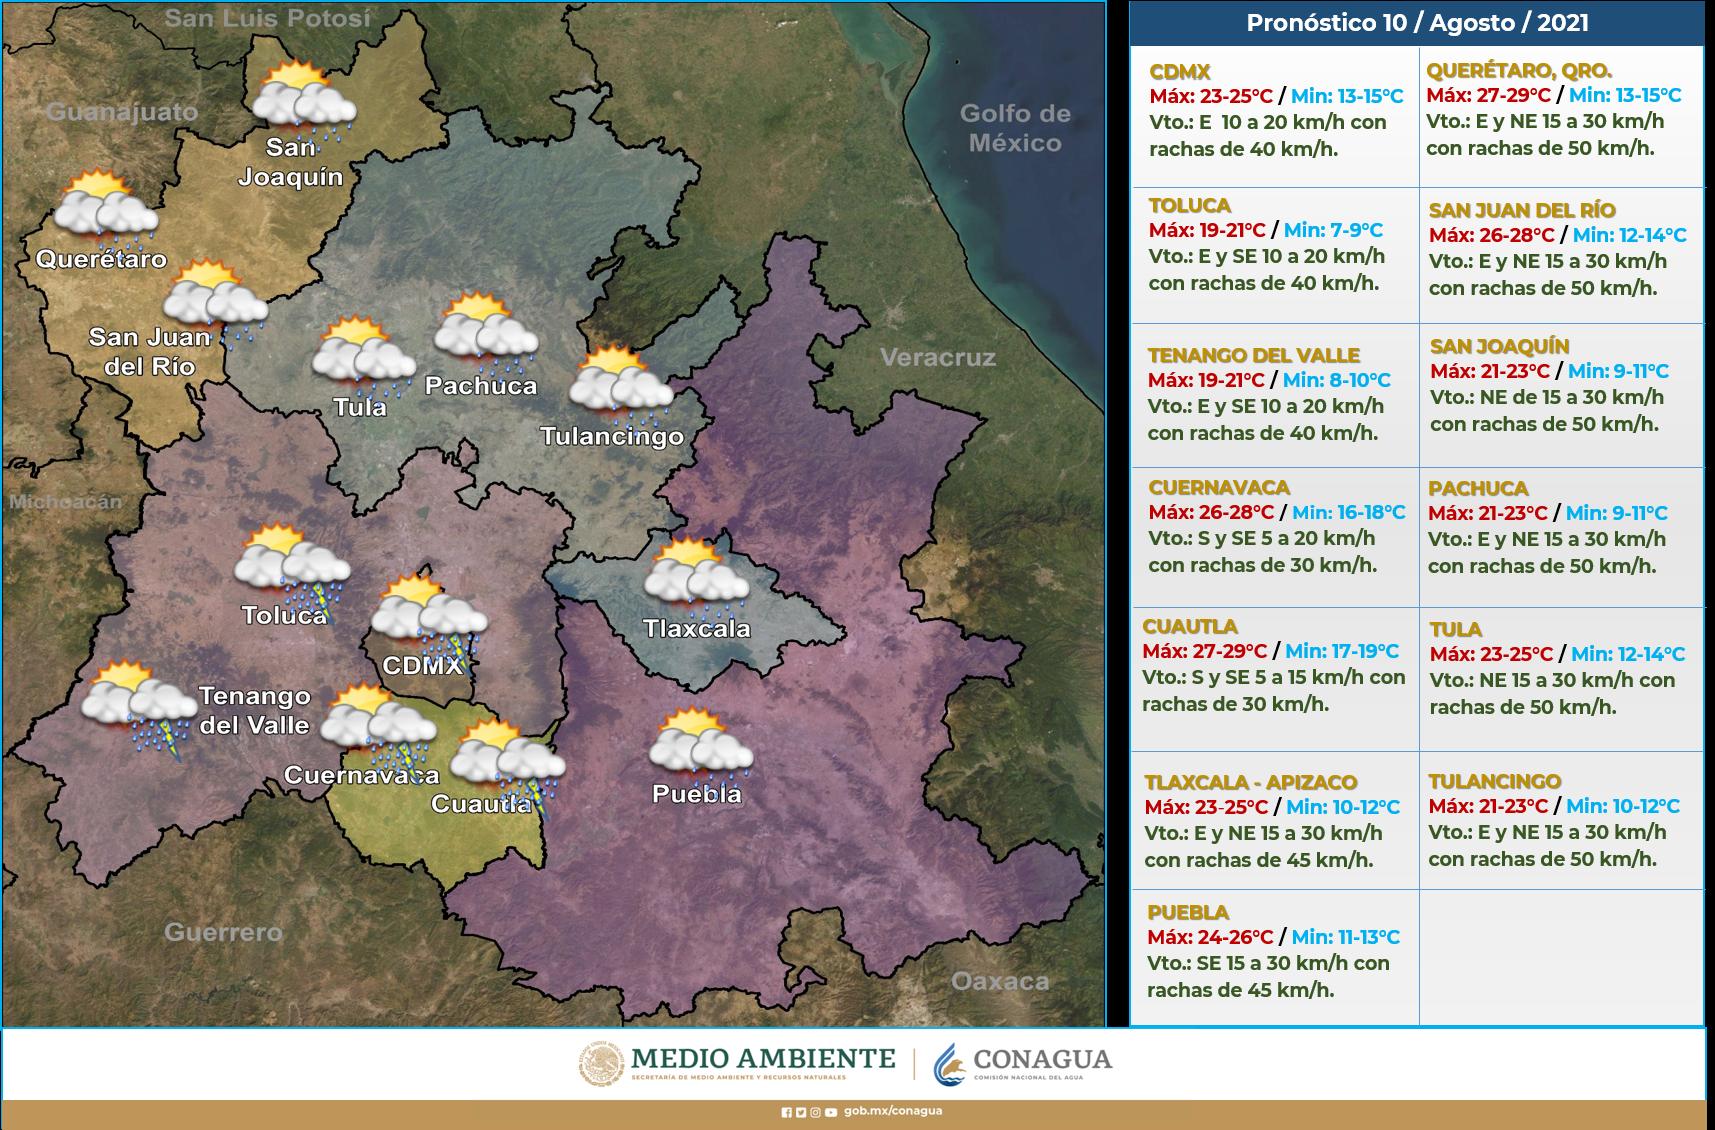 clima en toluca para el martes 10 de agosto